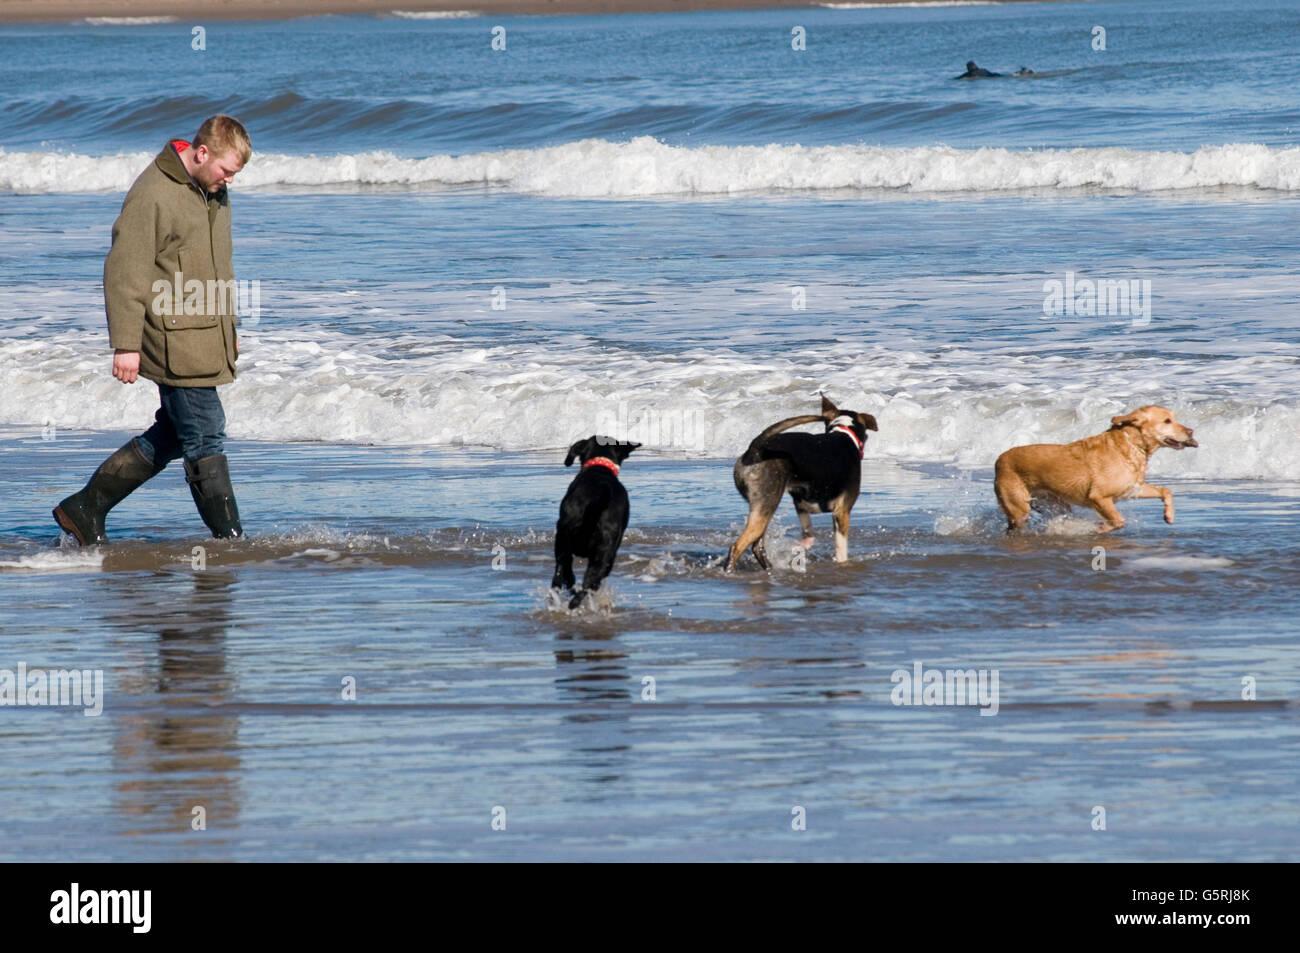 Hombre caminando perros el perro a pasear playa Playas Surf Mar walkies ejecutar en el reino unido Foto de stock